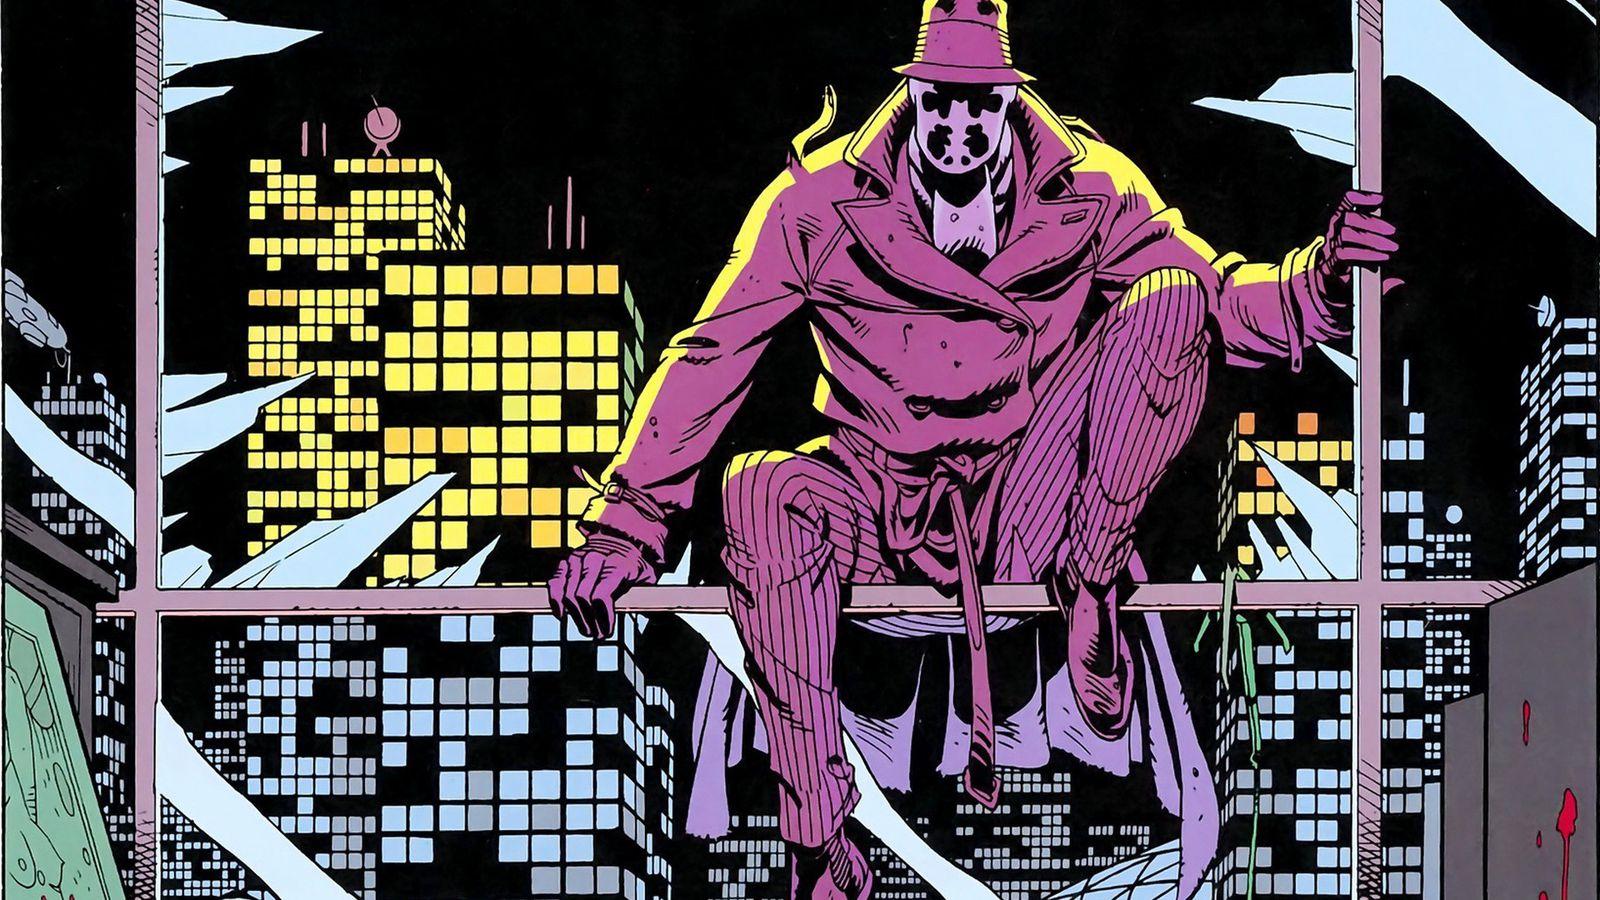 Dear Ted Cruz: Rorschach is not a hero | Polygon